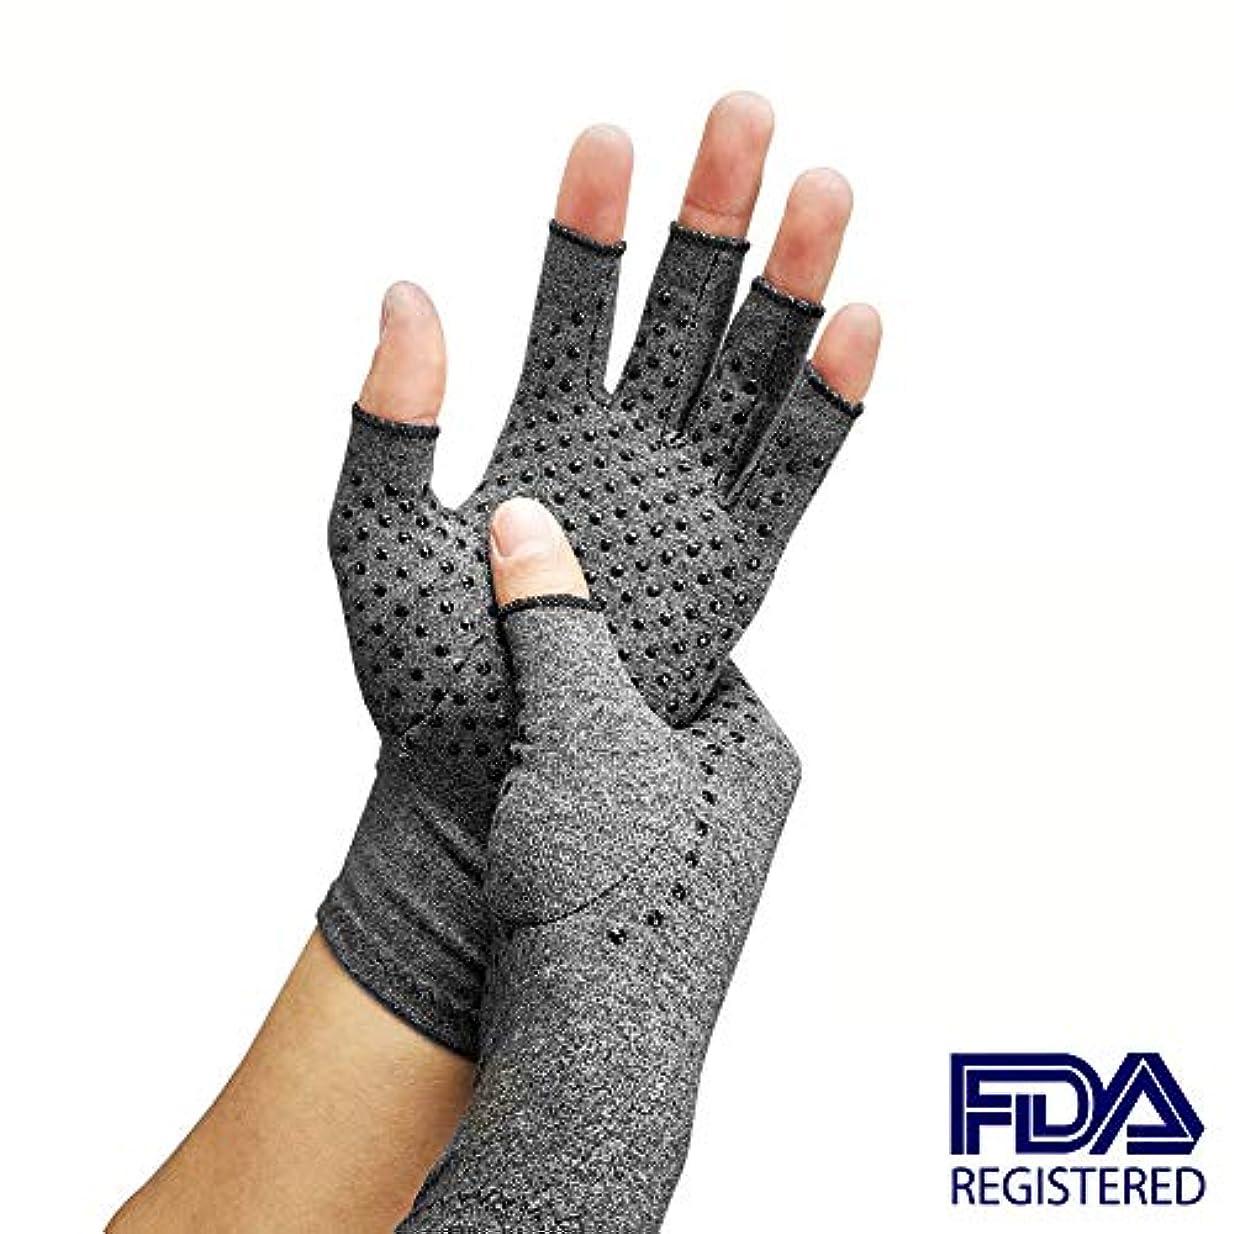 テナント買い物に行く君主制圧縮関節炎手袋、関節リウマチおよび変形性関節症用の指なし手手袋-関節痛および心皮トンネルのリリーフ-男性および女性